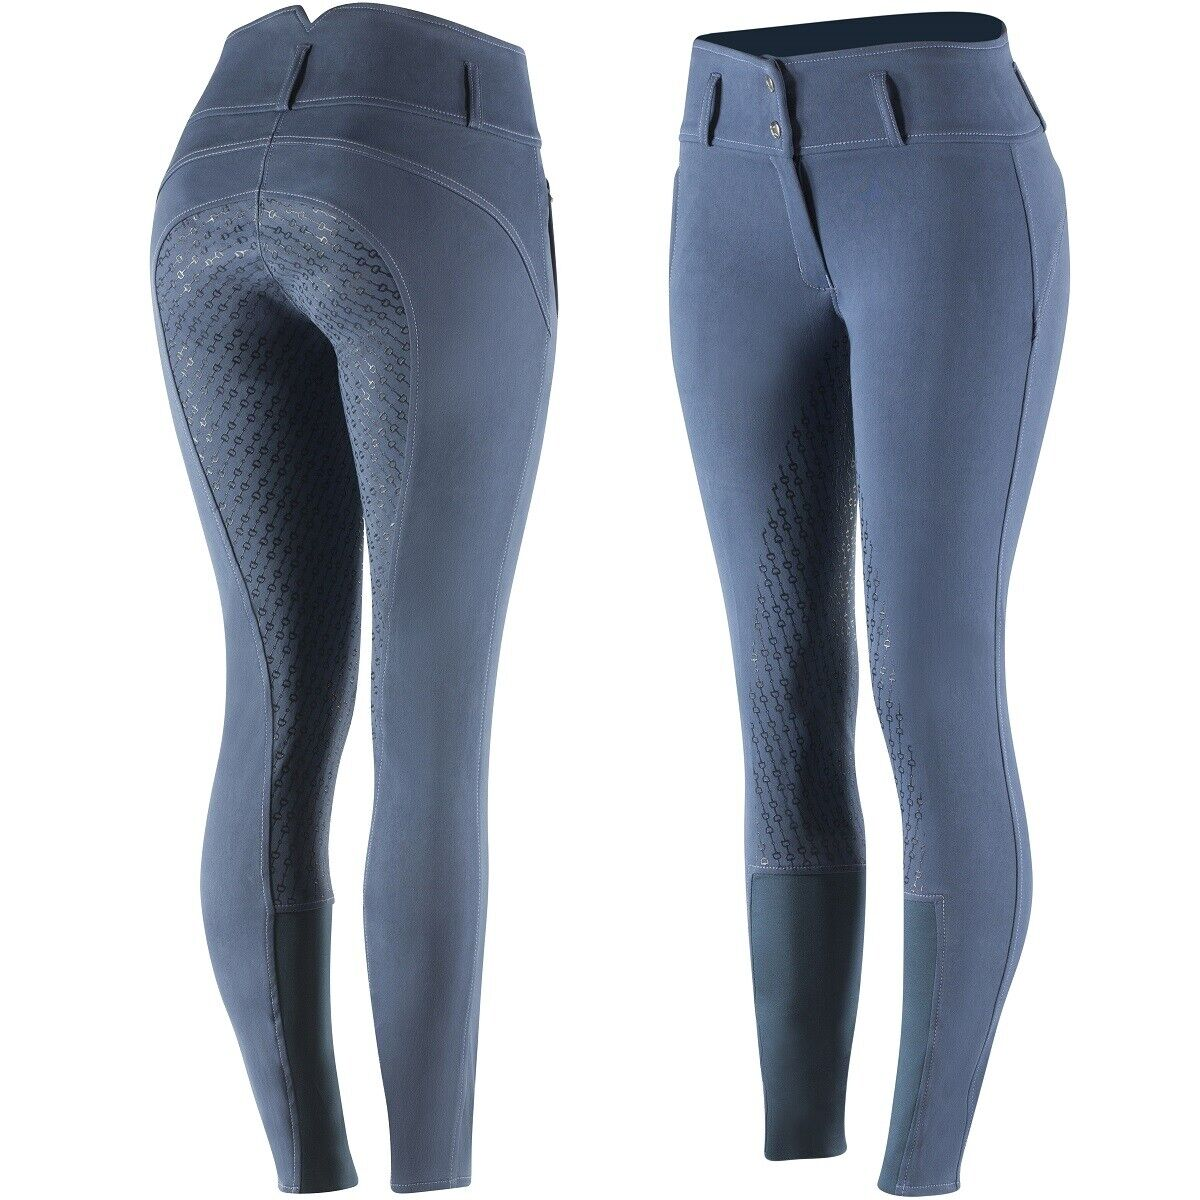 Horze Mujer Damas Azul Asiento Completo De Silicona Inglés Equitación Pantalones de montar Estados Unidos 26